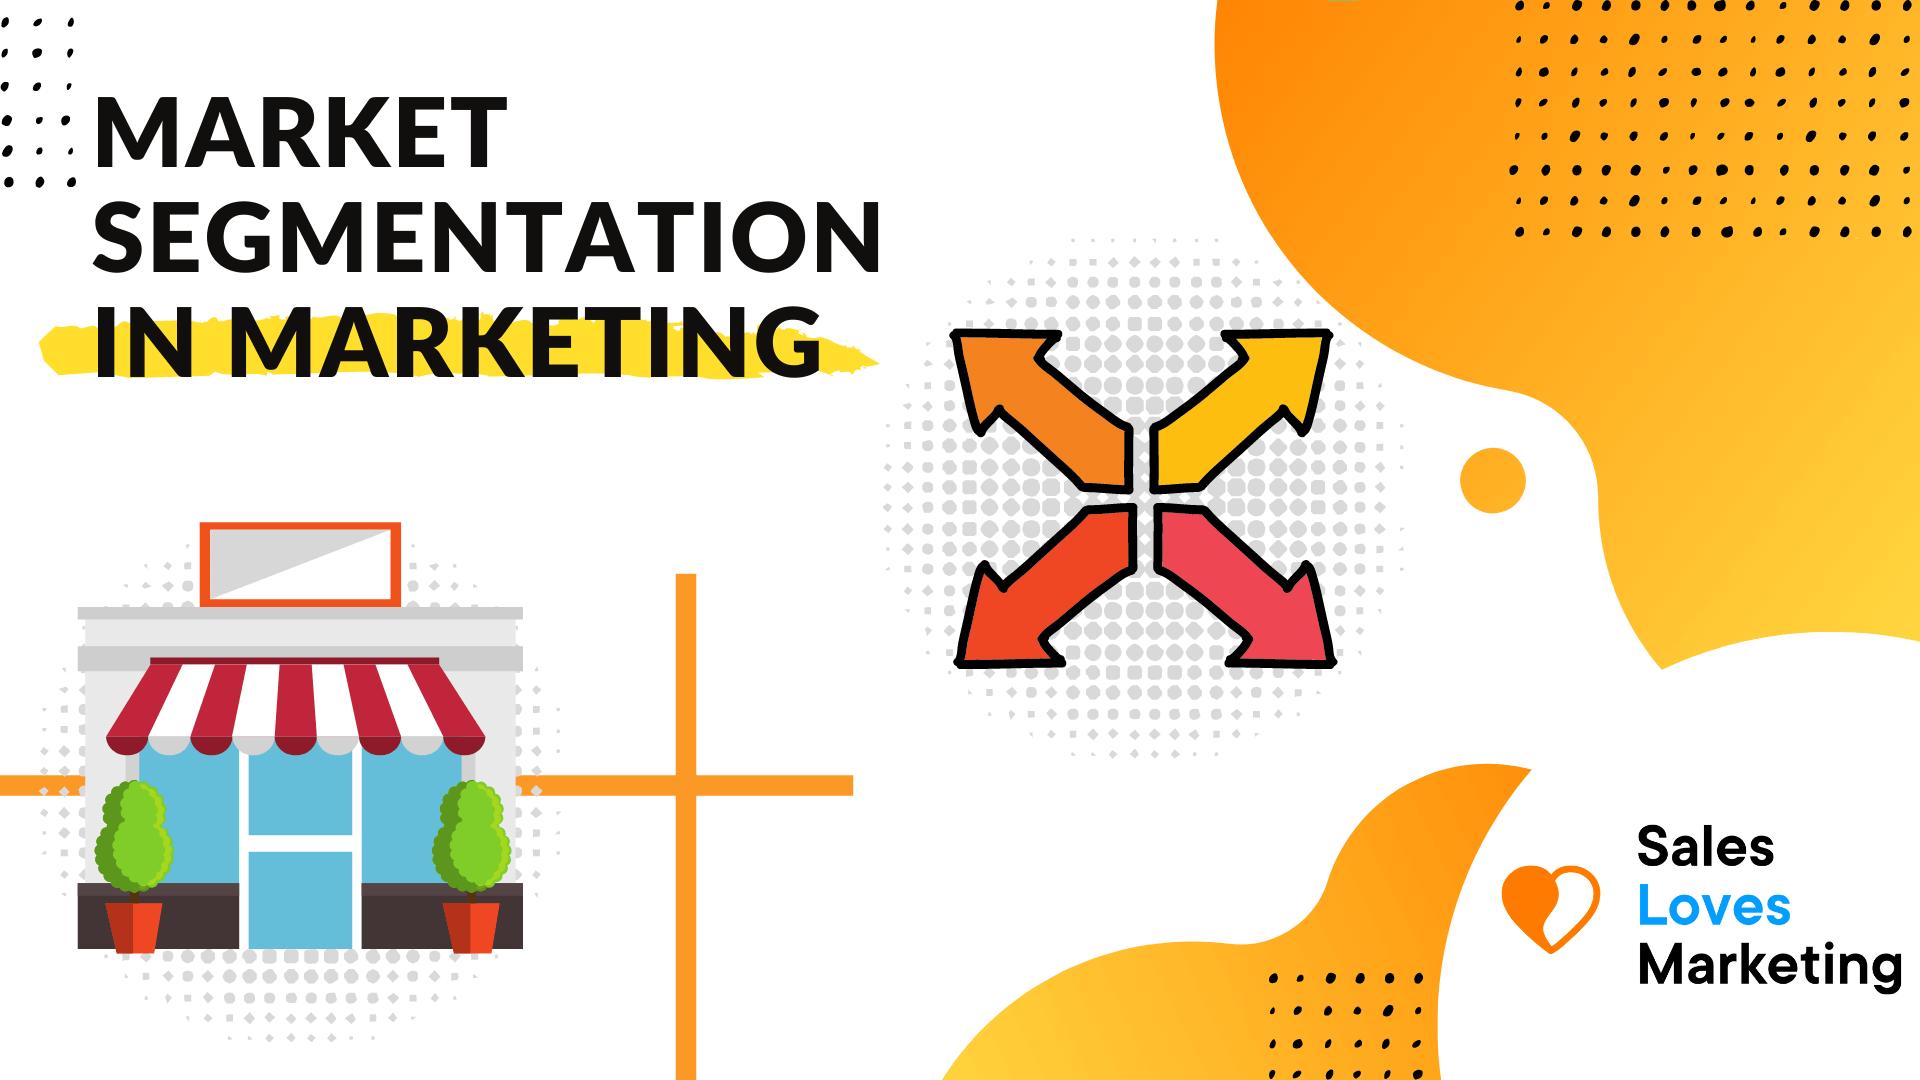 Market segmentation within Marketing